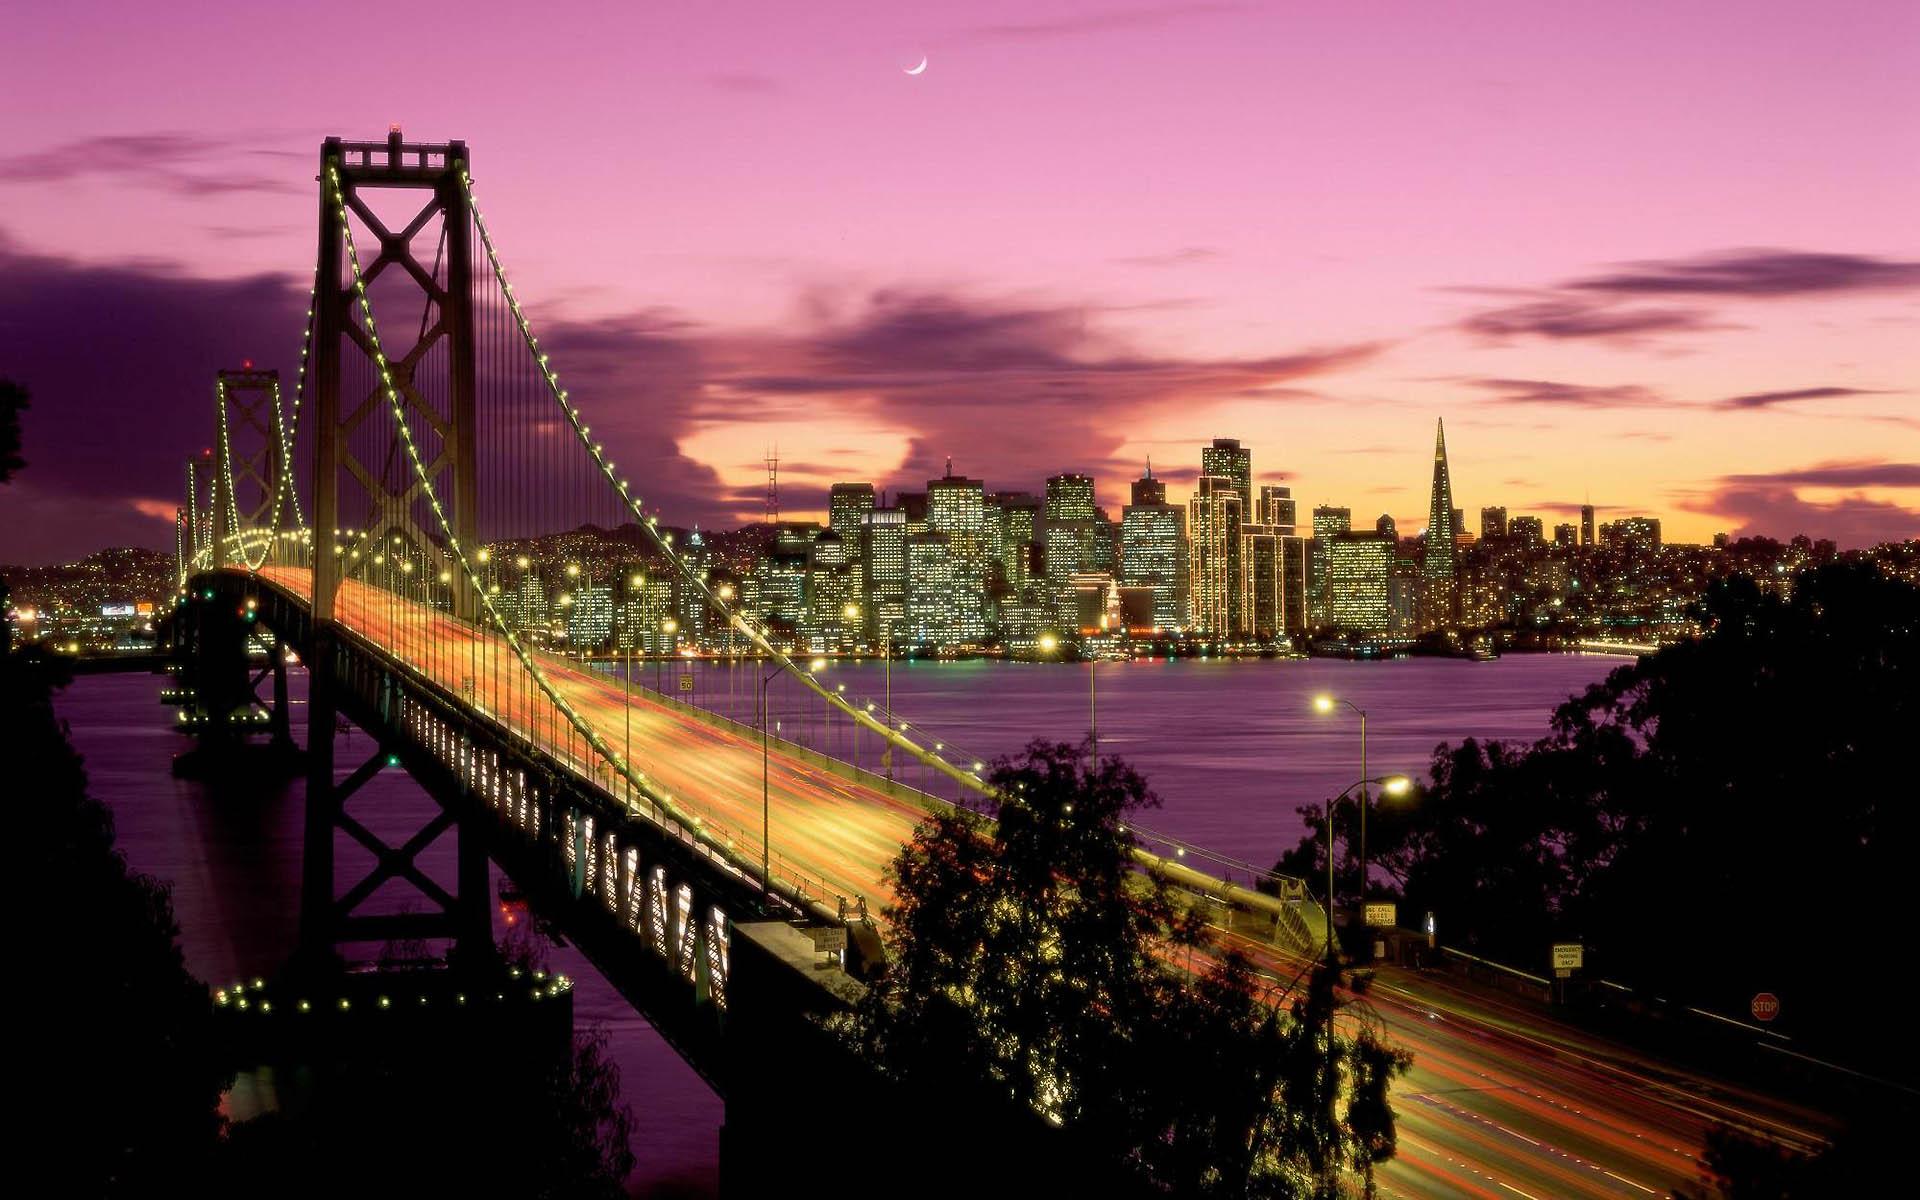 мост вечер мегаполис  № 3360635 бесплатно